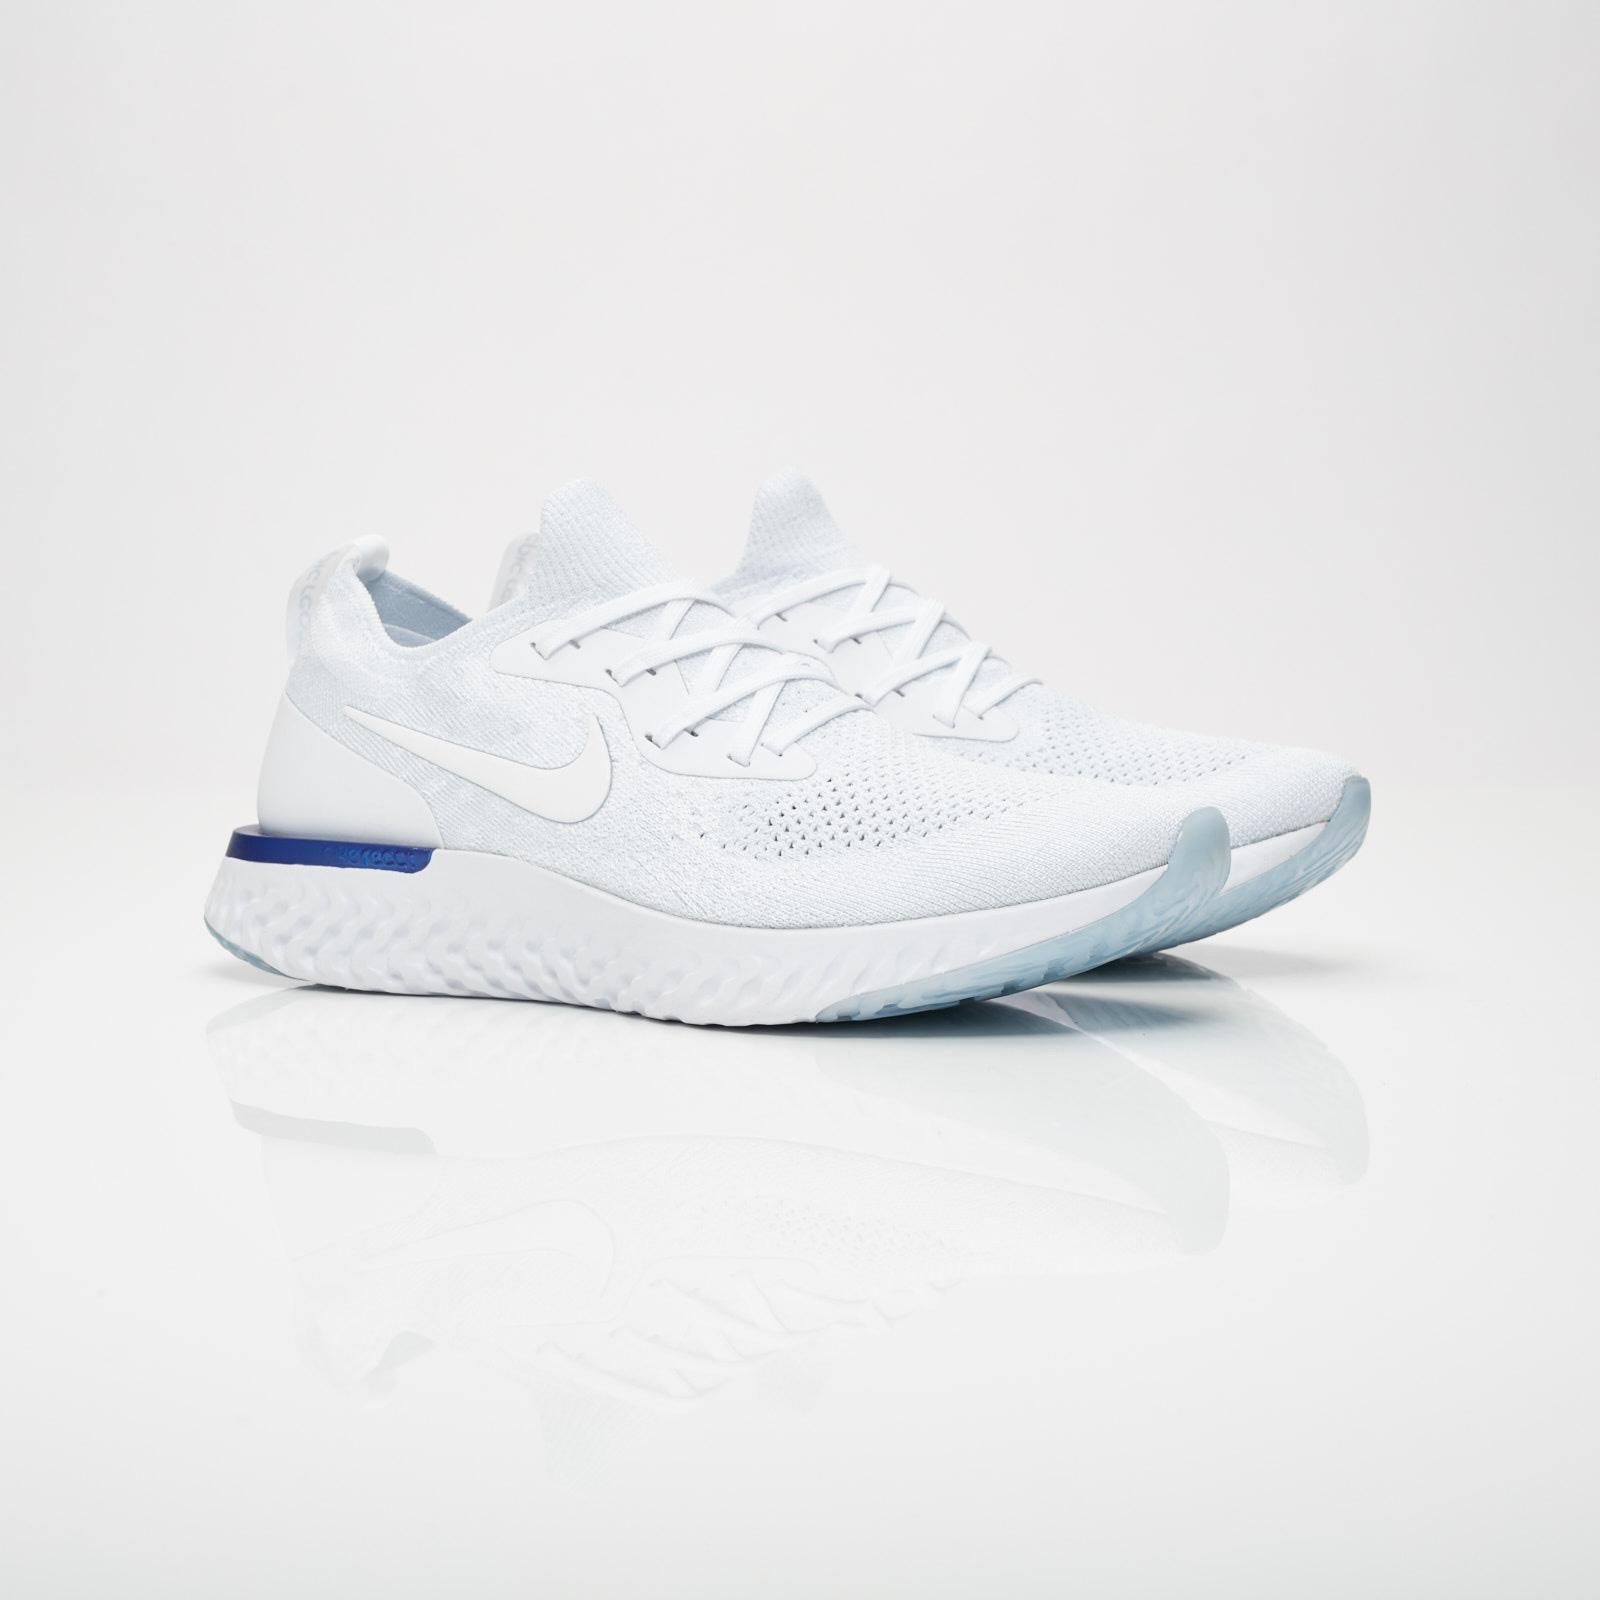 33f4d5ea6e35 Nike Epic React Flyknit - Aq0067-100 - Sneakersnstuff